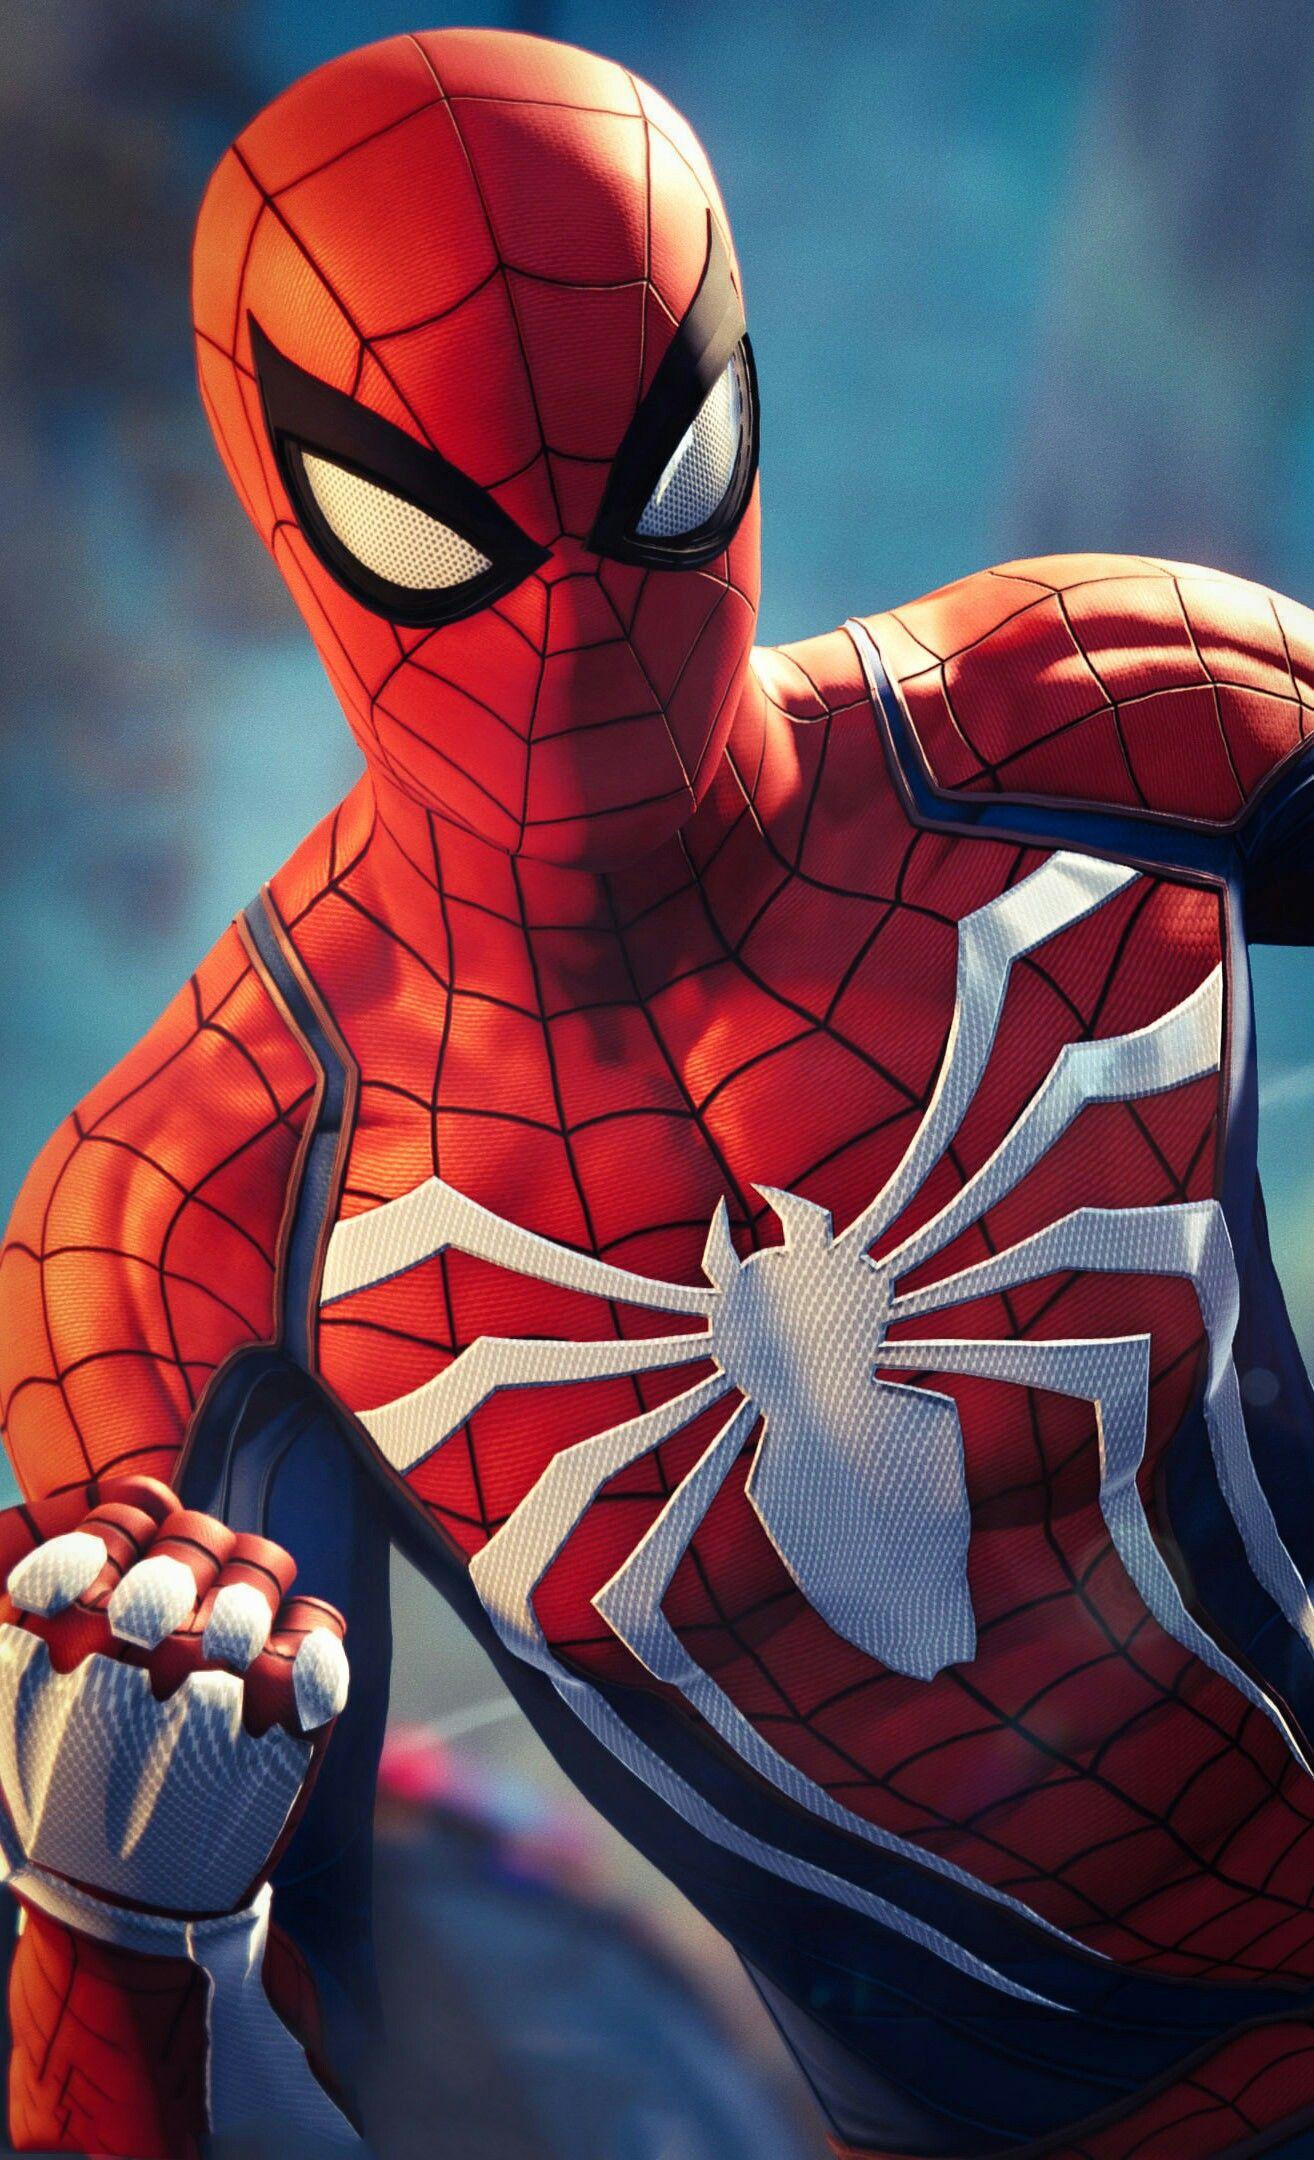 Spiderman ps4 Marvel, Heróis marvel, Marvel dc comics